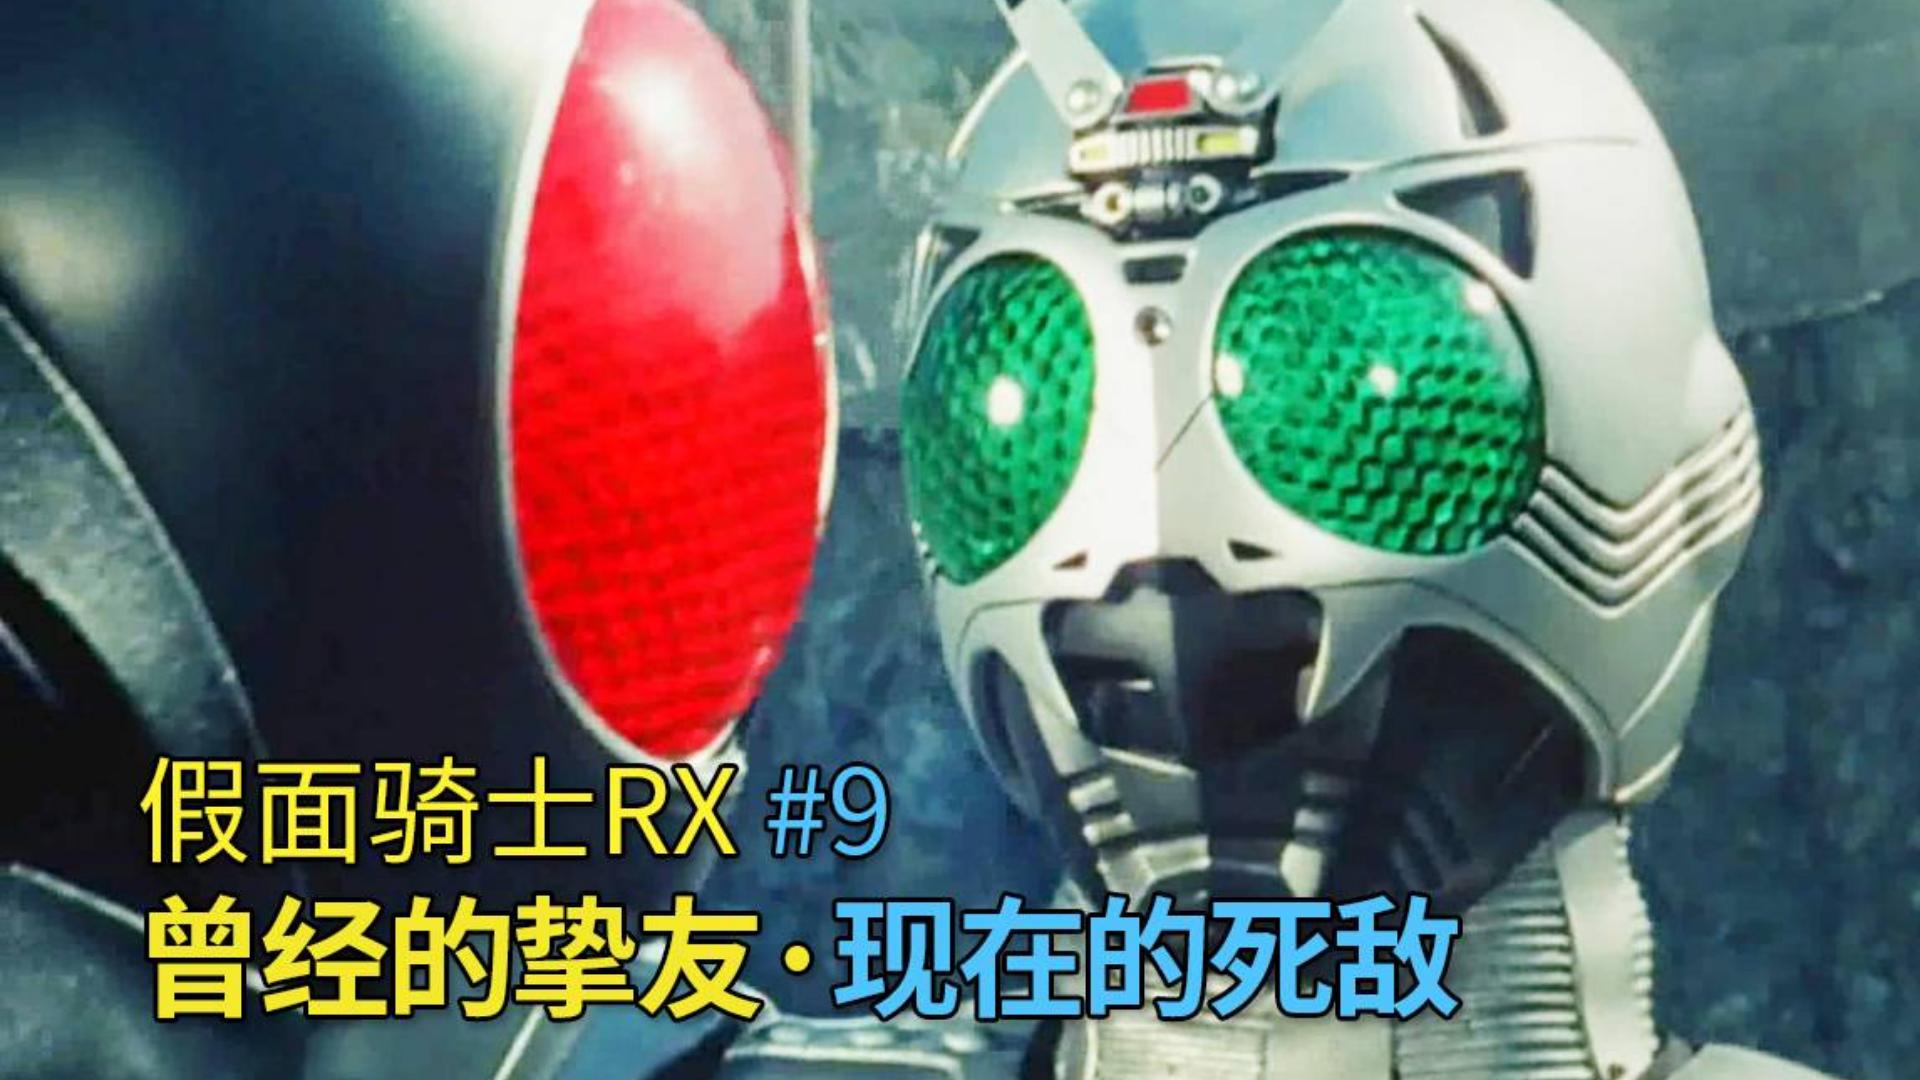 假面骑士:昔日的挚友,今日的死敌!RX篇